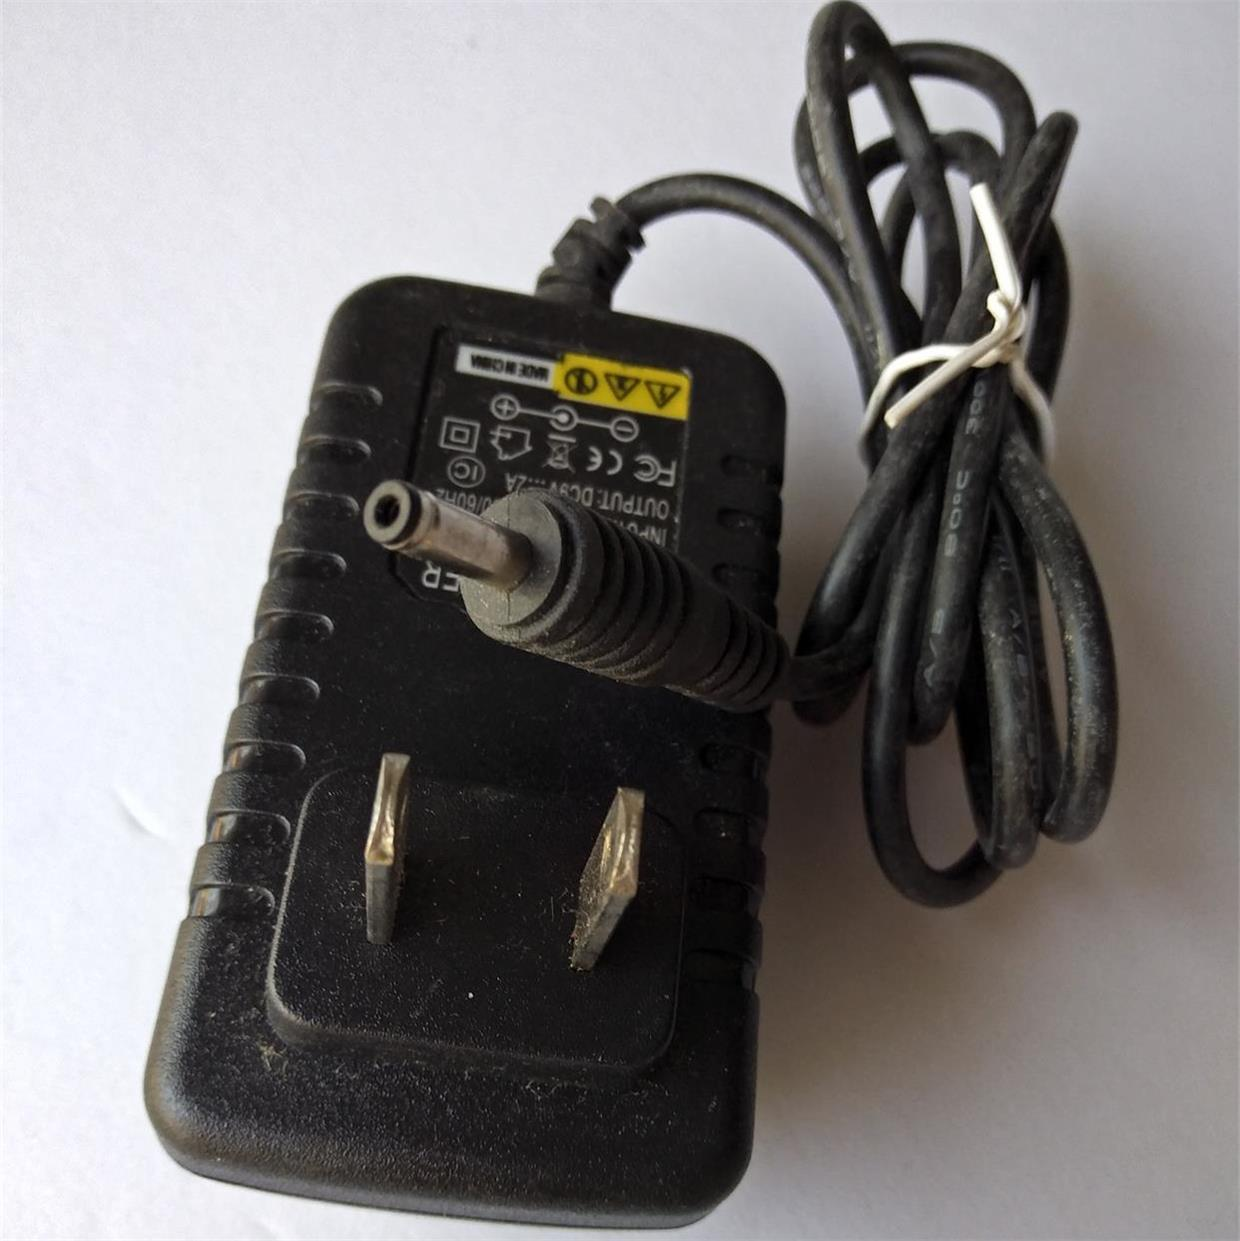 电源适配器充电器,9V2A小圆口3.5*1.5适用EVD等